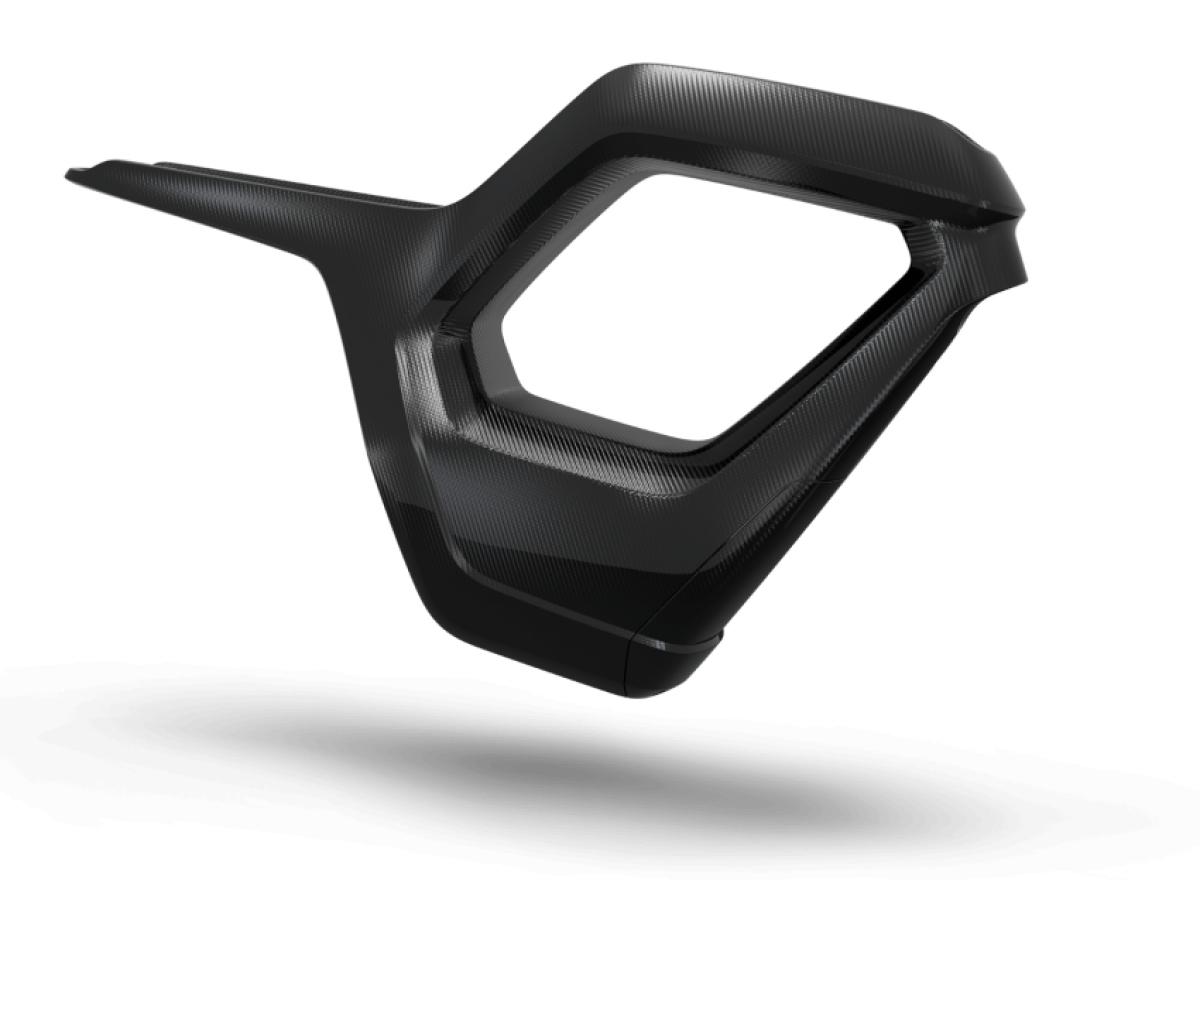 Việc truyền điện được kiểm soát thông qua một ứng dụng trên điện thoại thông minh của người lái, cho phép khóa chiếc Novus thông qua NFC mà không cần một chiếc chìa khóa thực thụ.